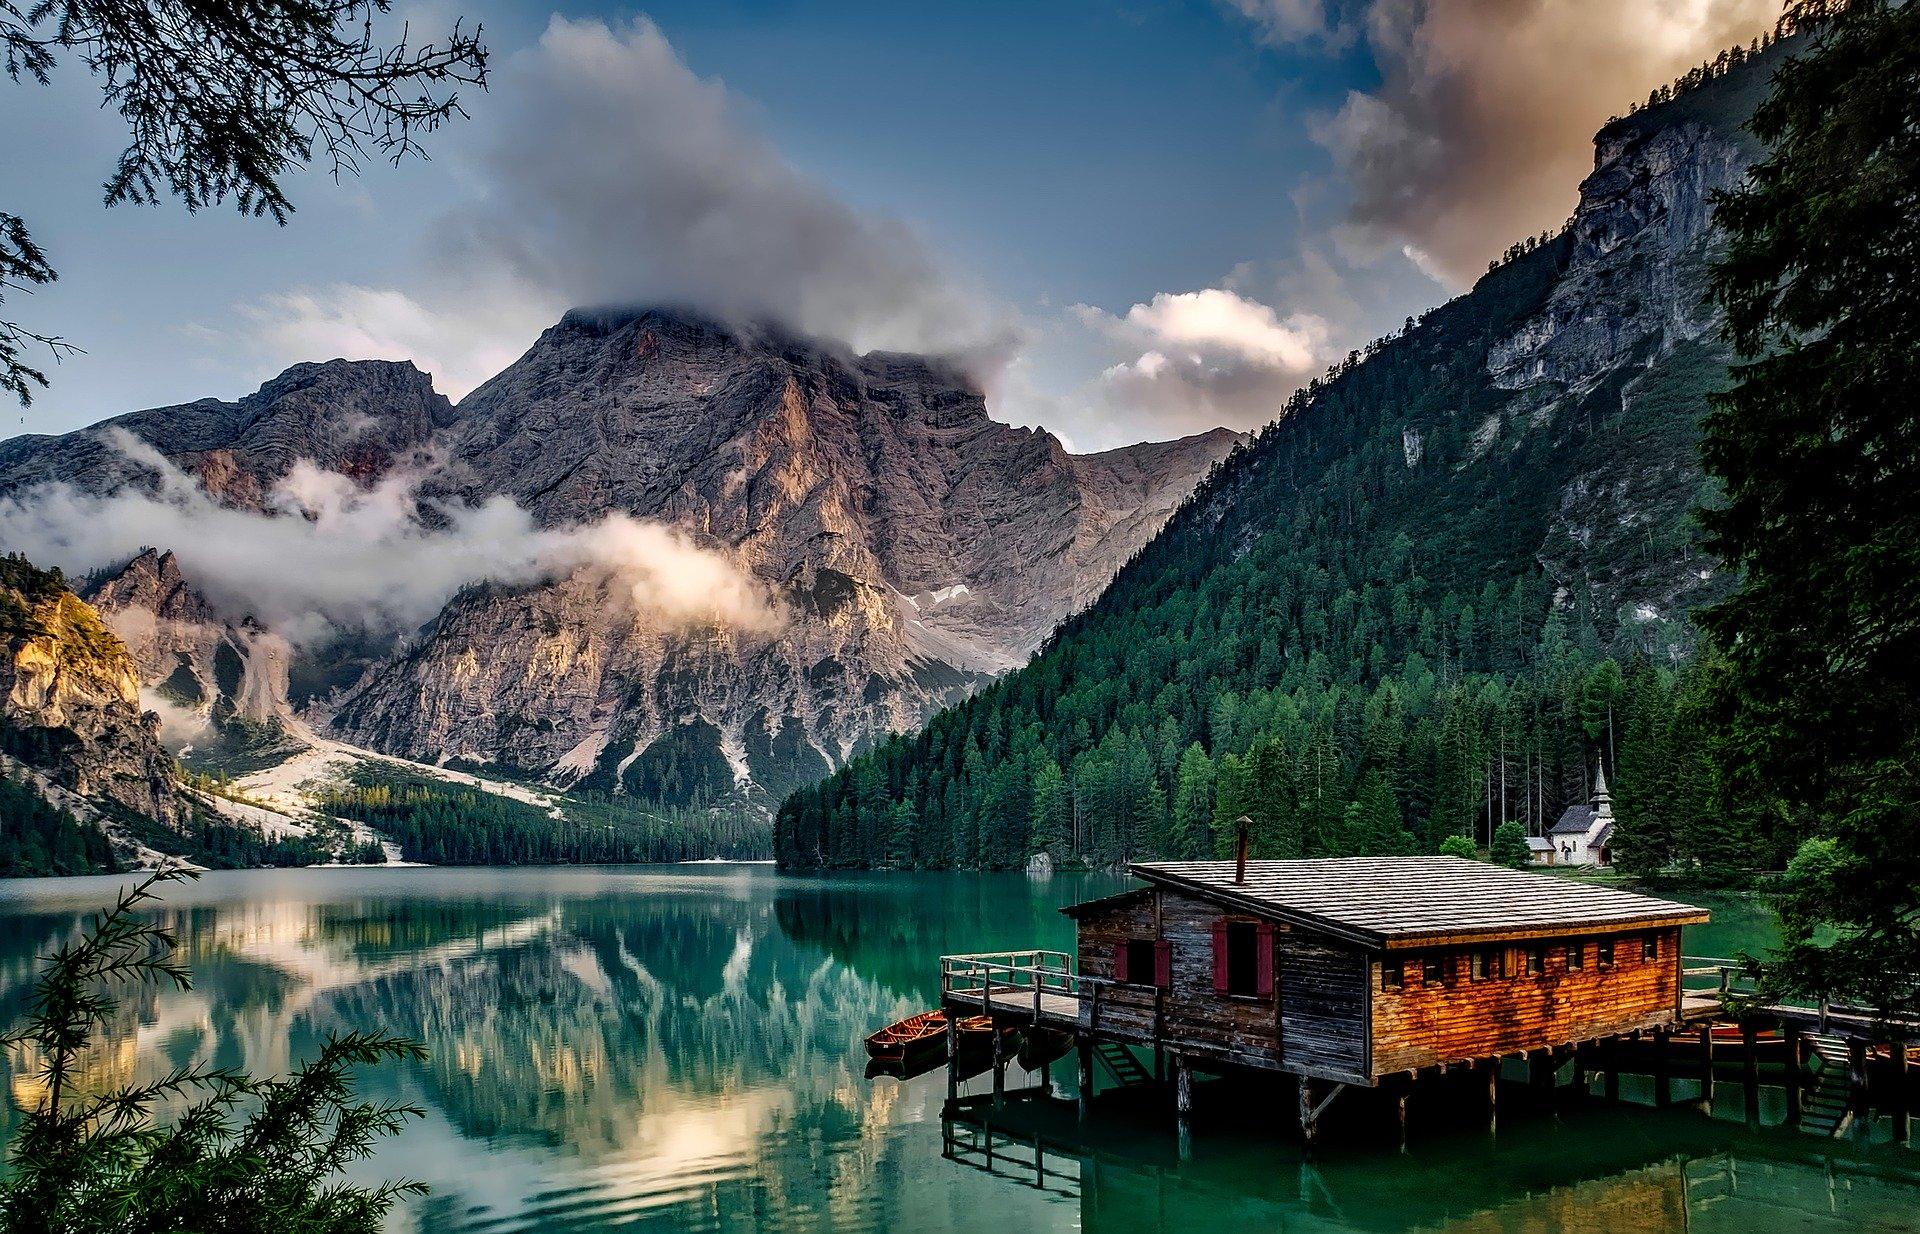 Fiskado - Traumhaus Anglerhütte am Bergsee - Angeln-und-Urlaub.de - unkategorisiert